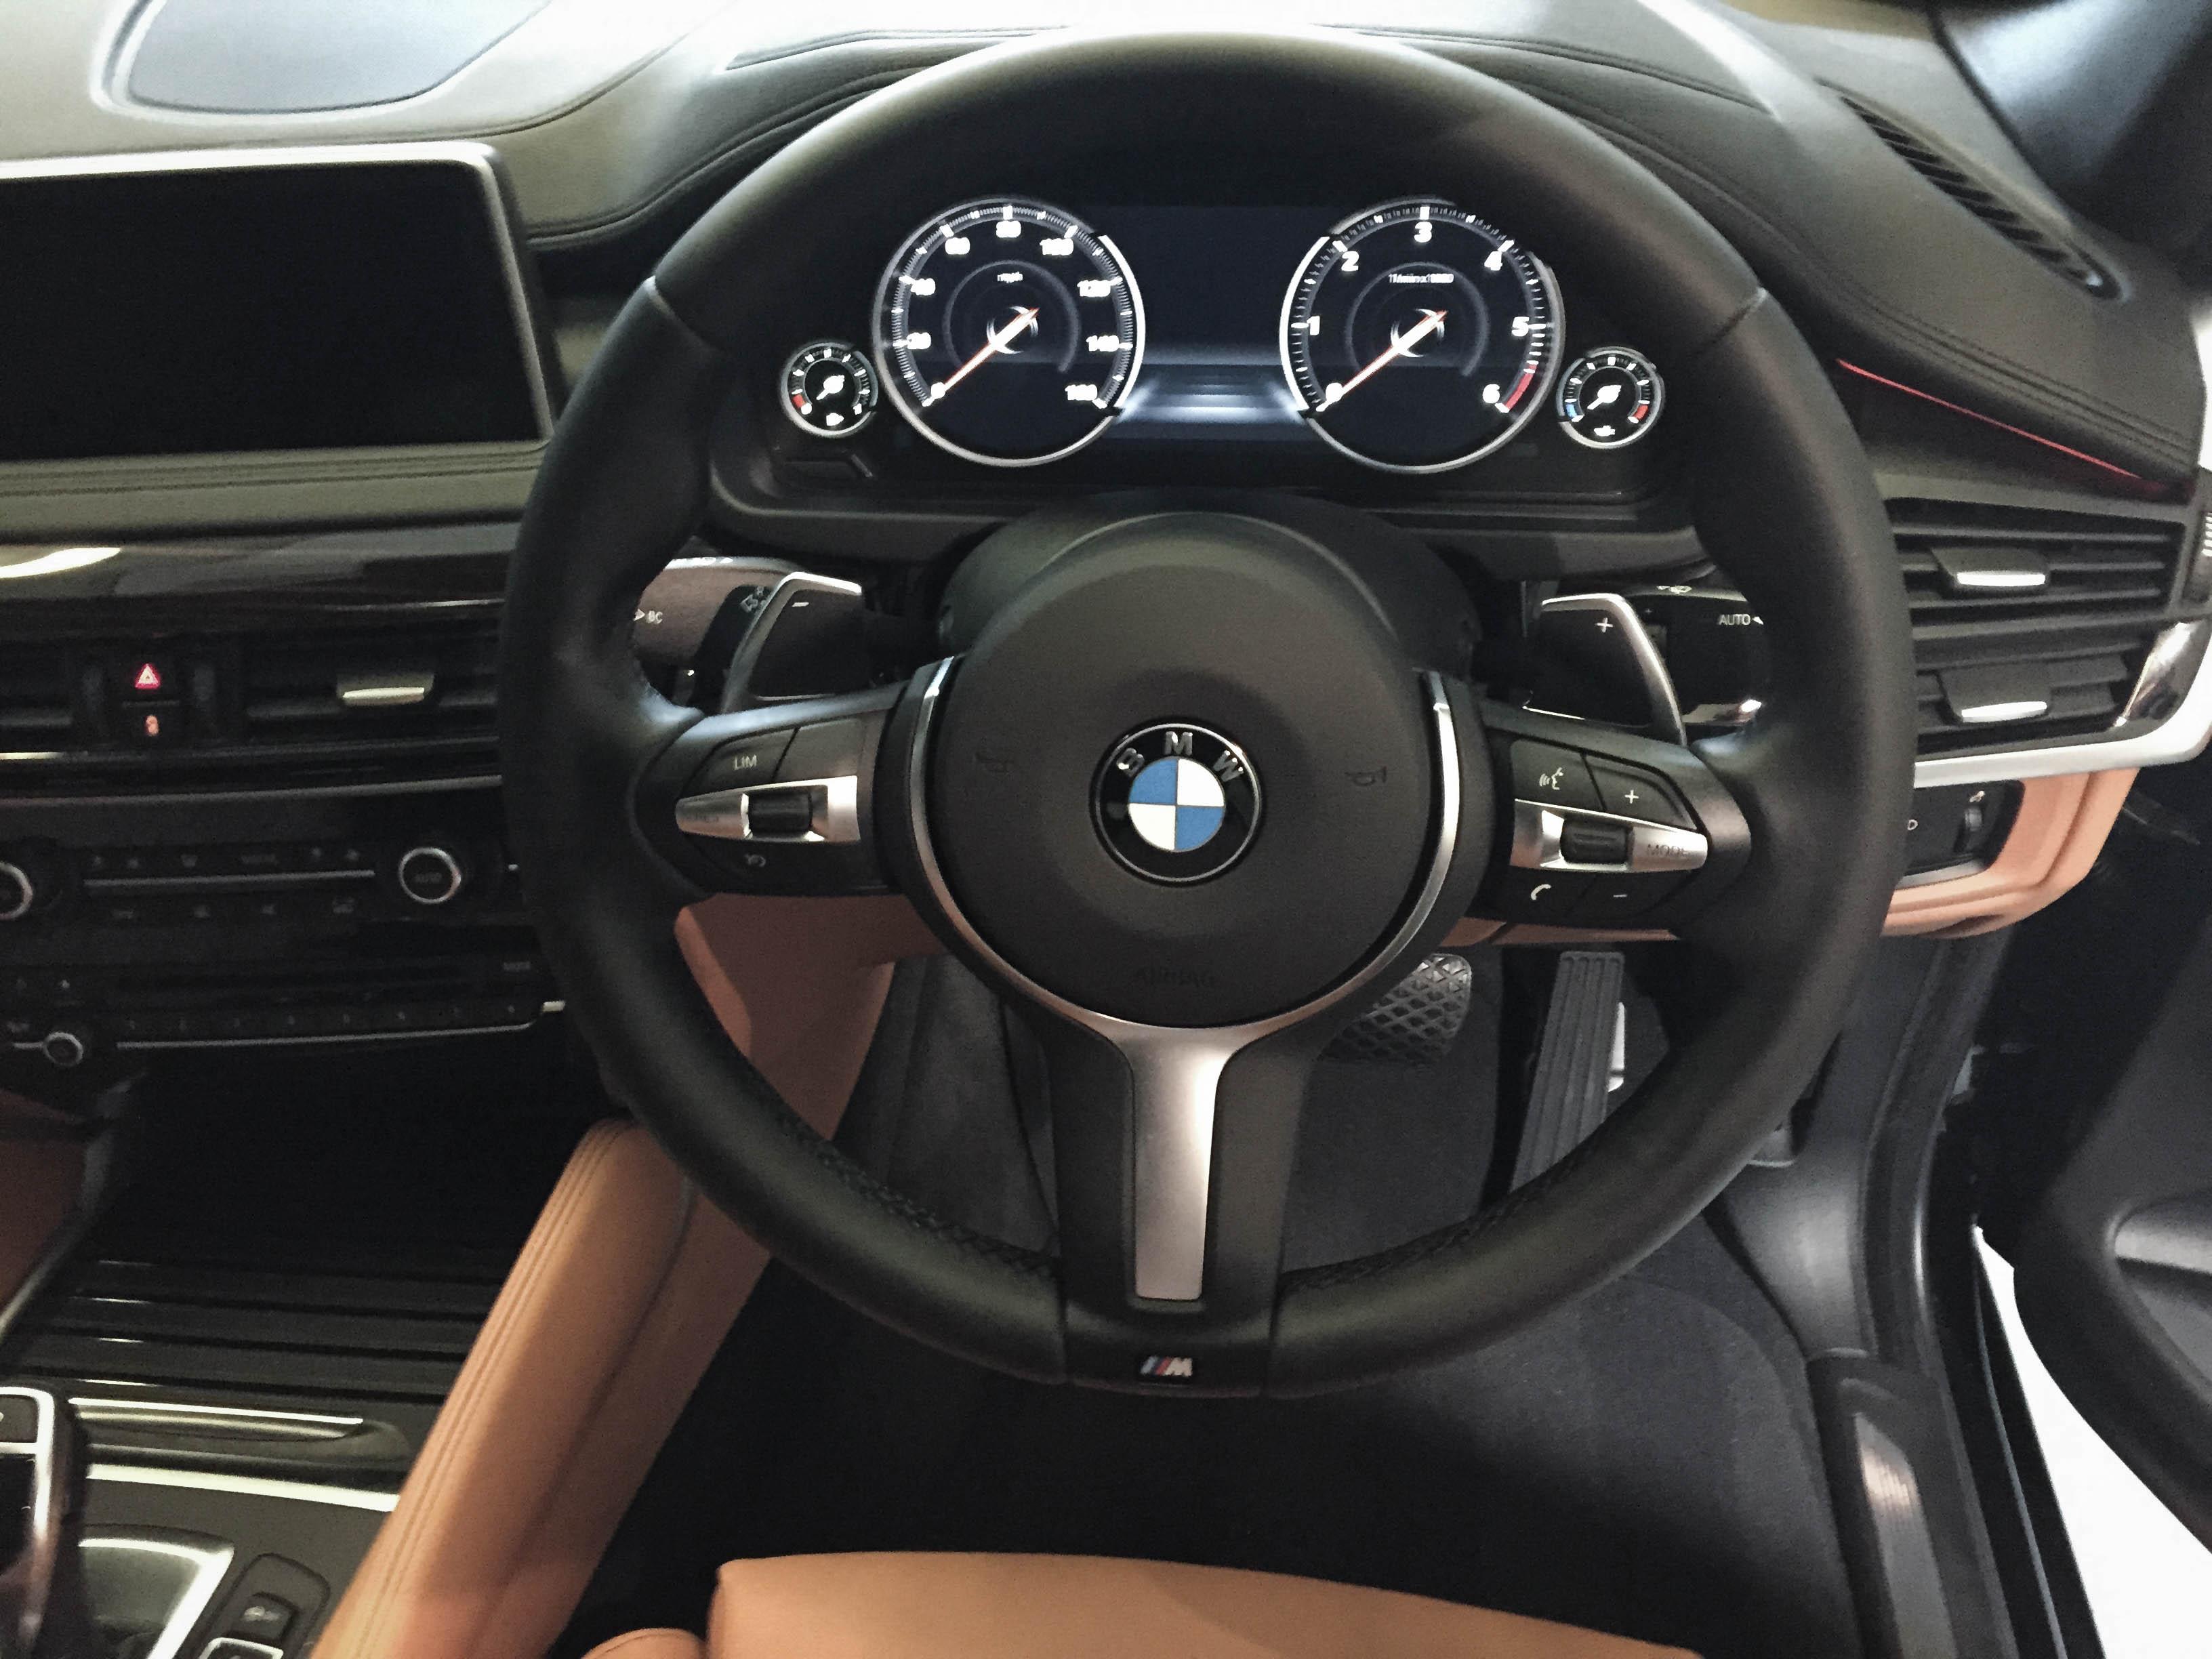 BMW X6 –Steel wheel and interior restoration